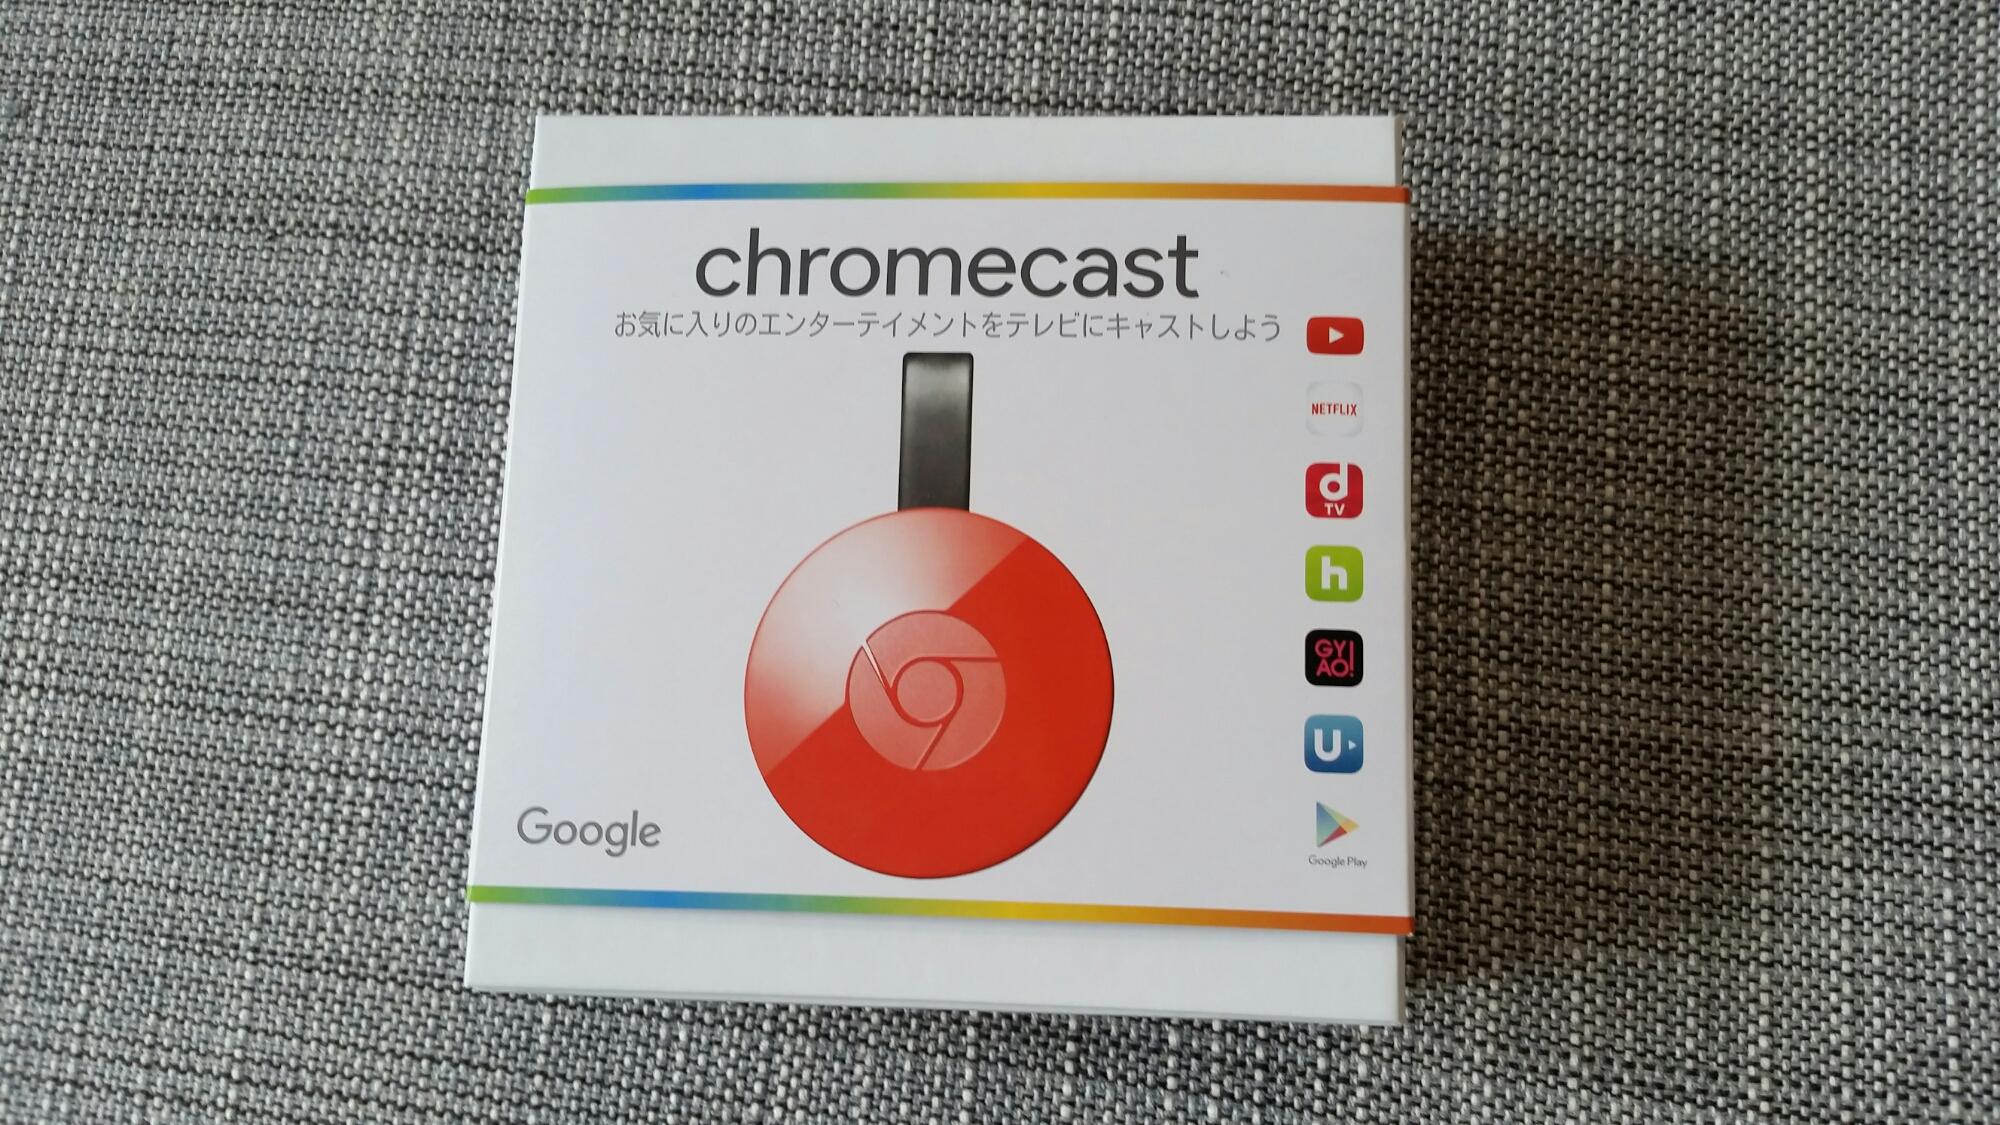 Chrome Cast こんな小さな箱ひとつ。